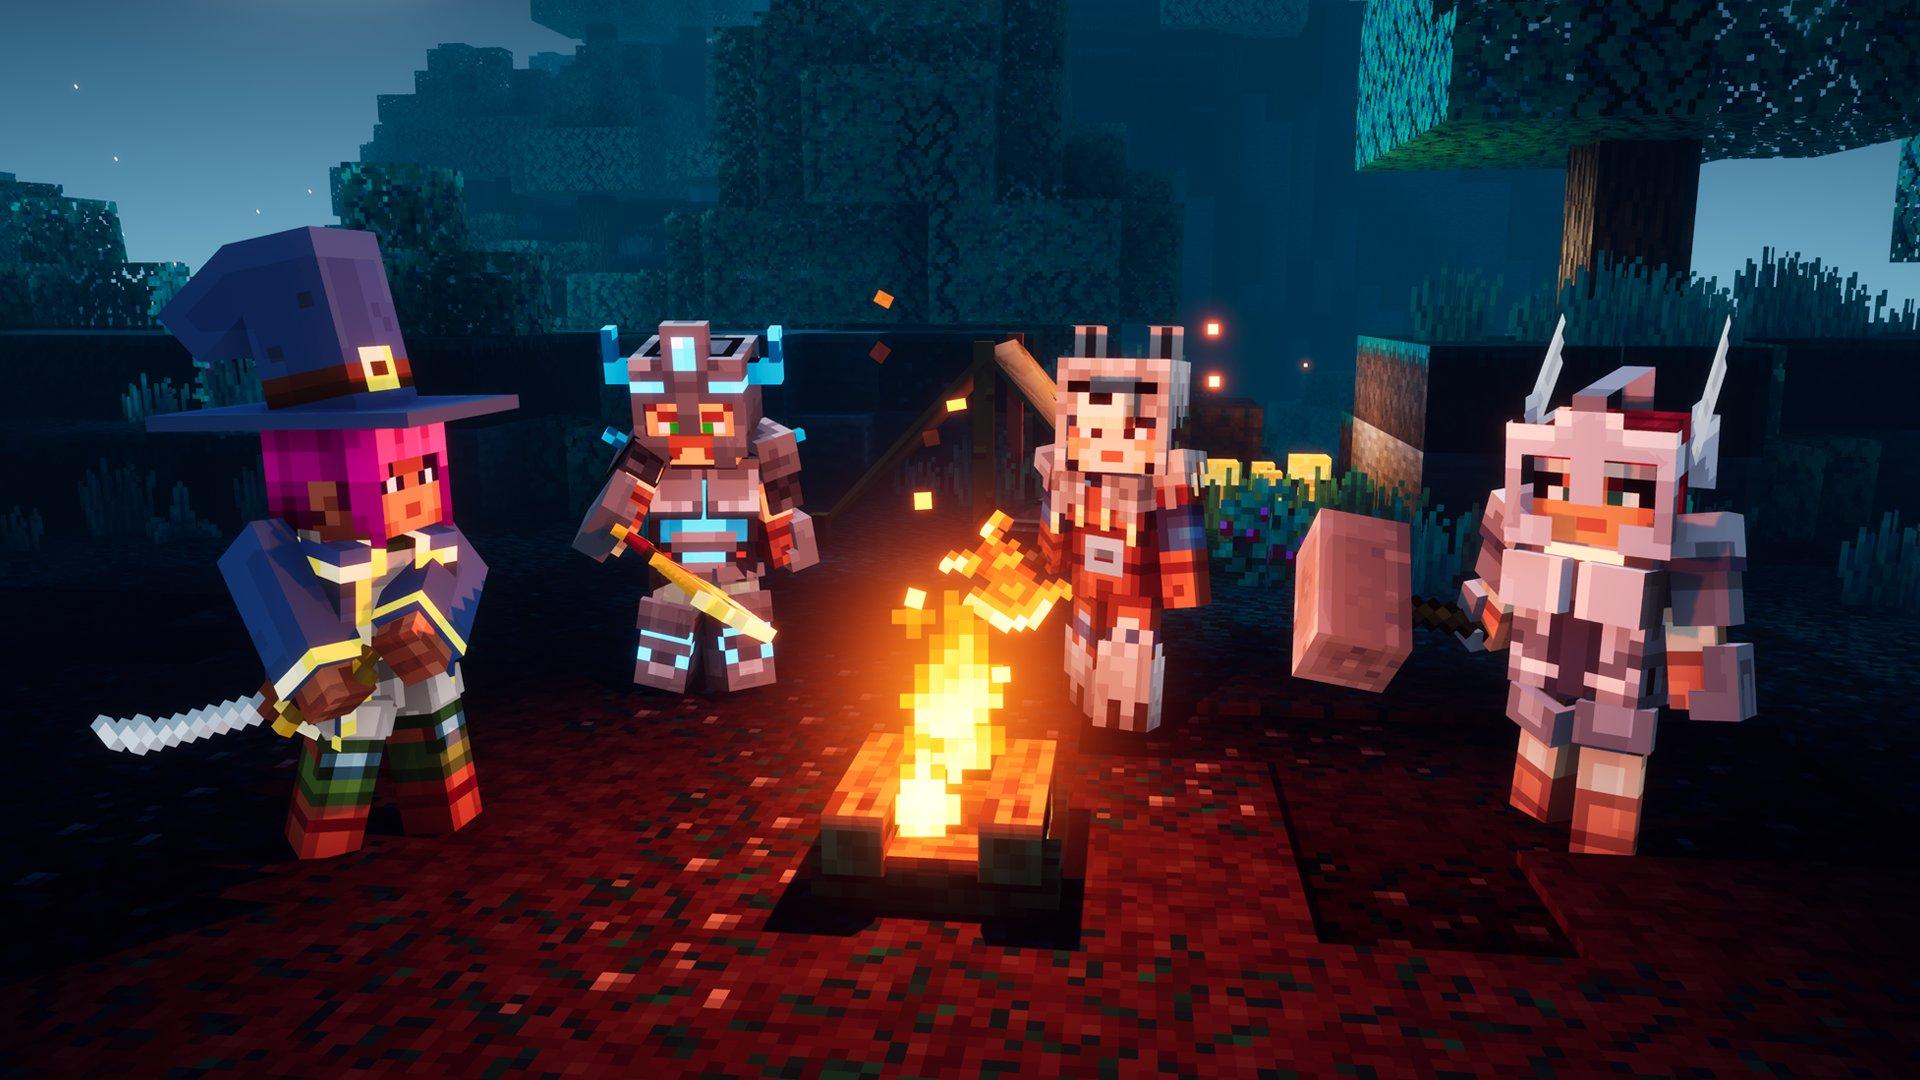 マイン クラフト ダンジョンズ Minecraft Dungeons